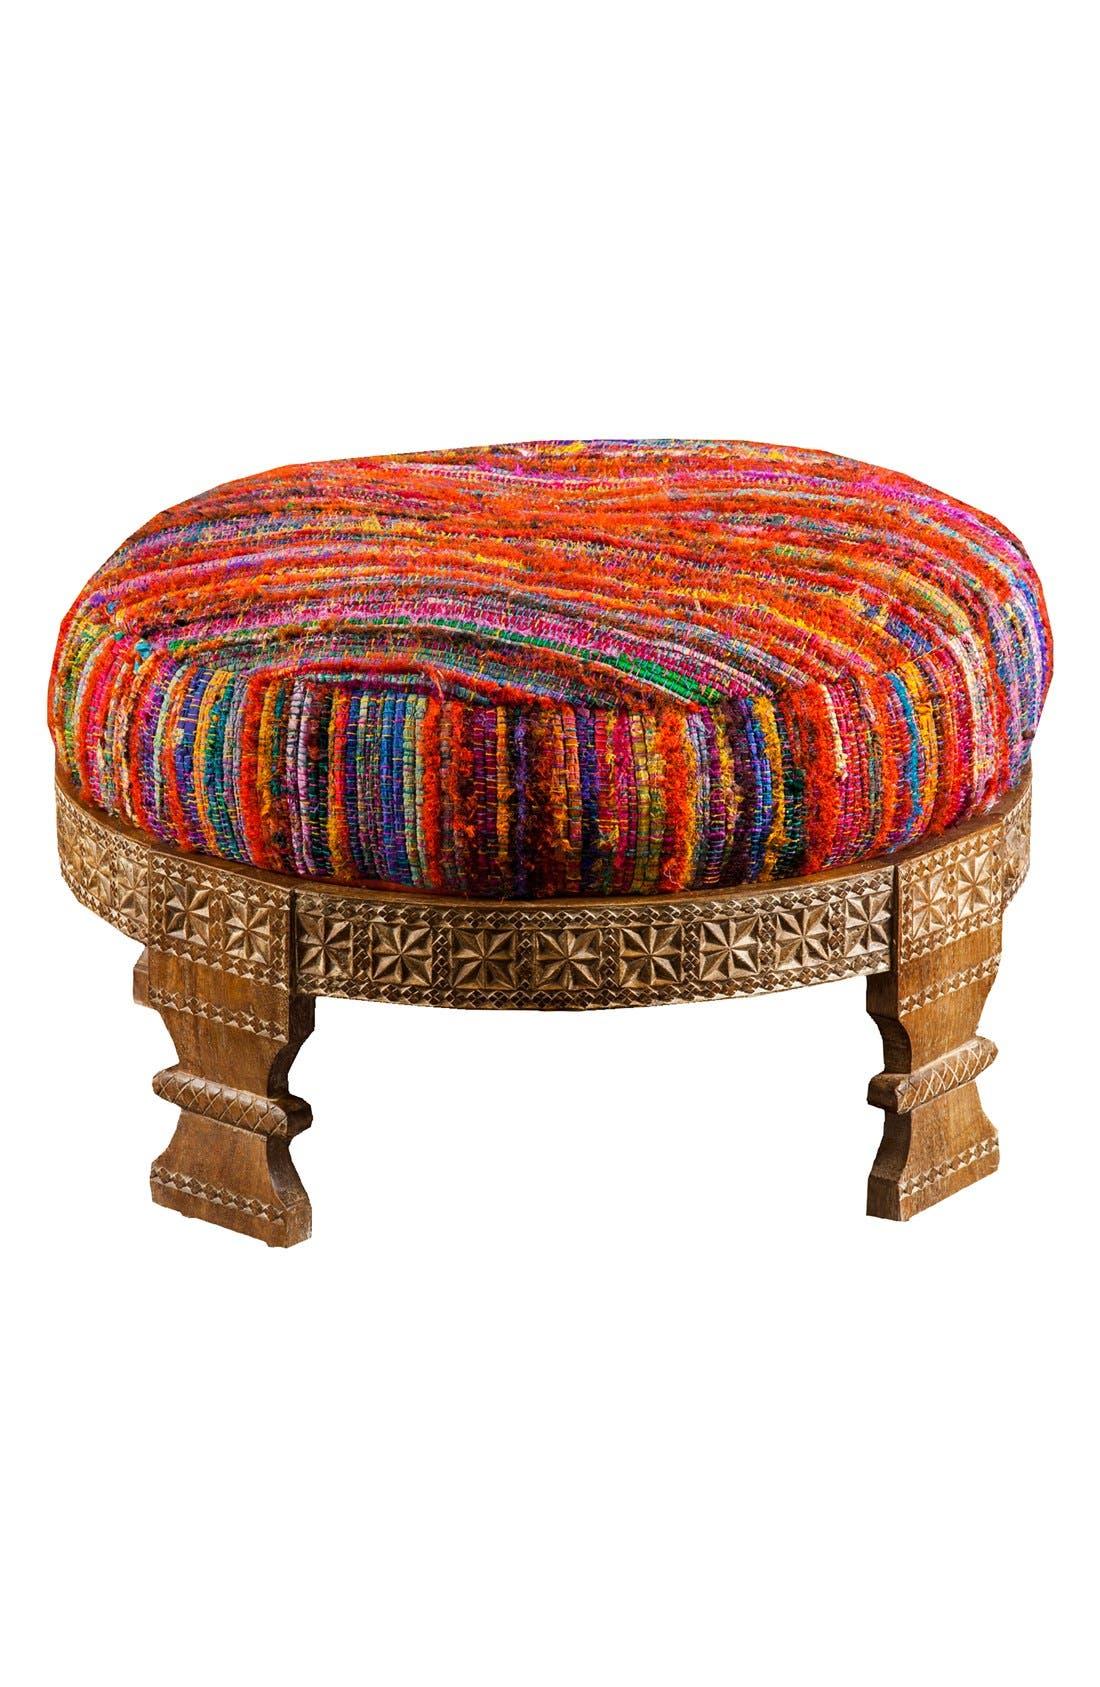 Alternate Image 1 Selected - Surya Home Ottoman